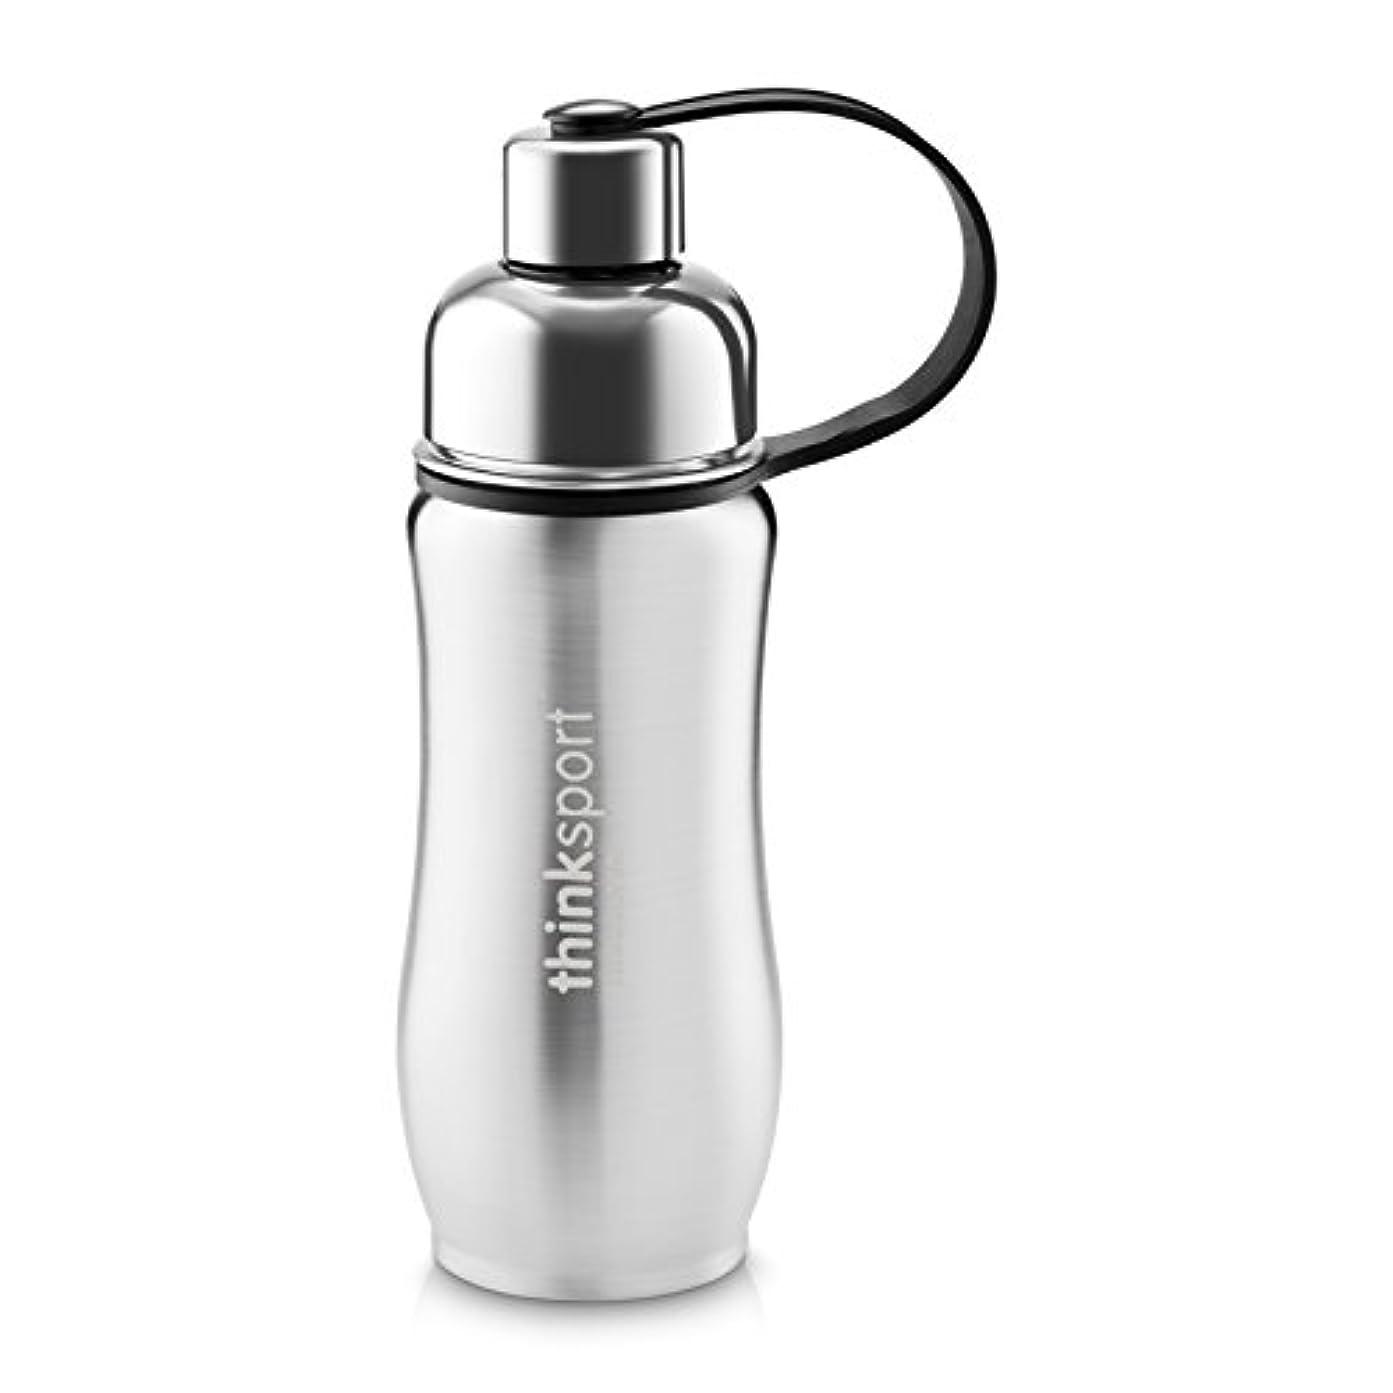 悪行モーション先のことを考えるThinkSport Sports Bottle (12oz) - Silver by organicKidz